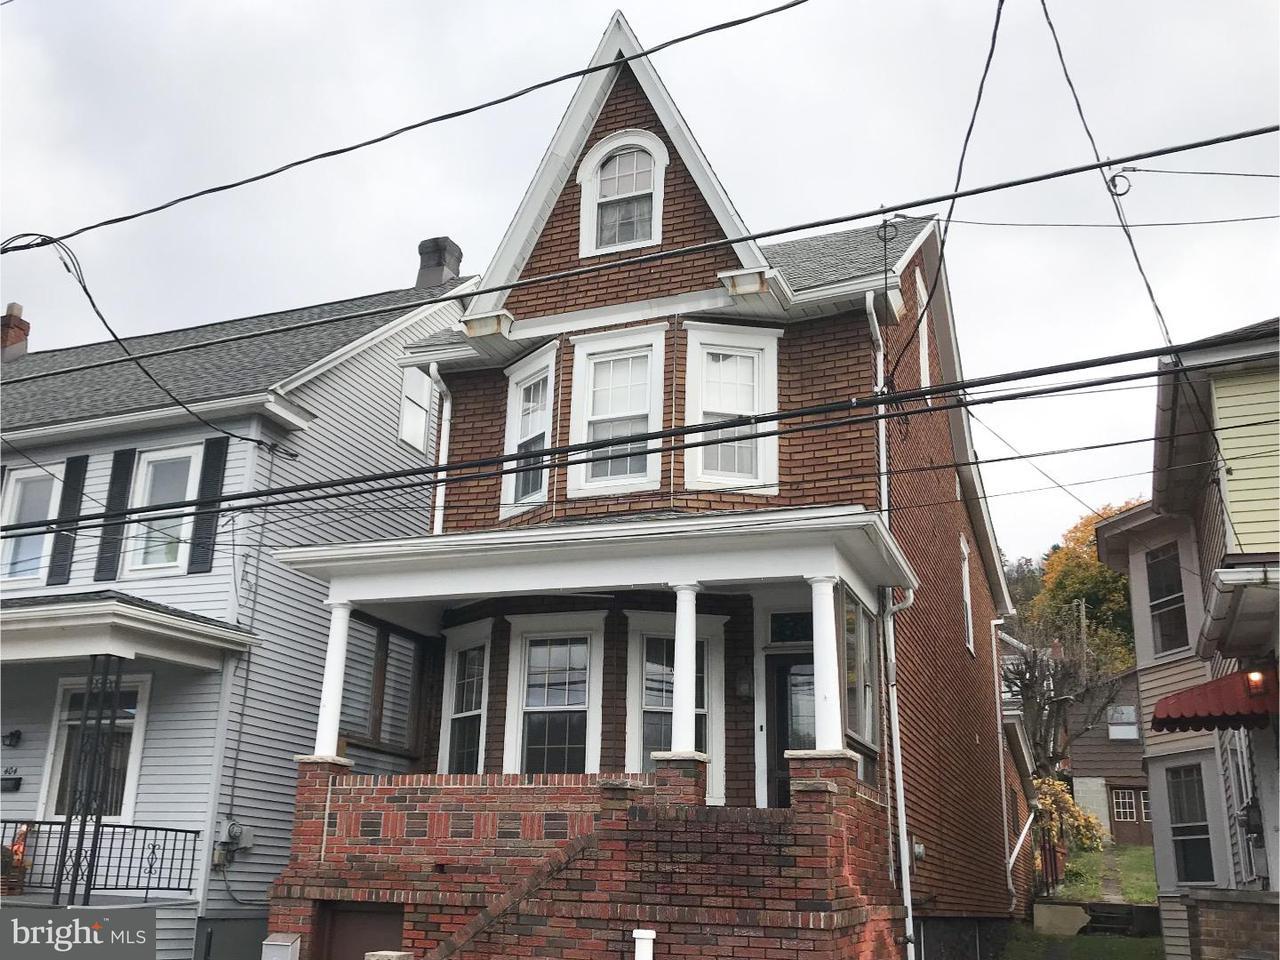 独户住宅 为 销售 在 406 W BERTSCH Street Lansford, 宾夕法尼亚州 18232 美国